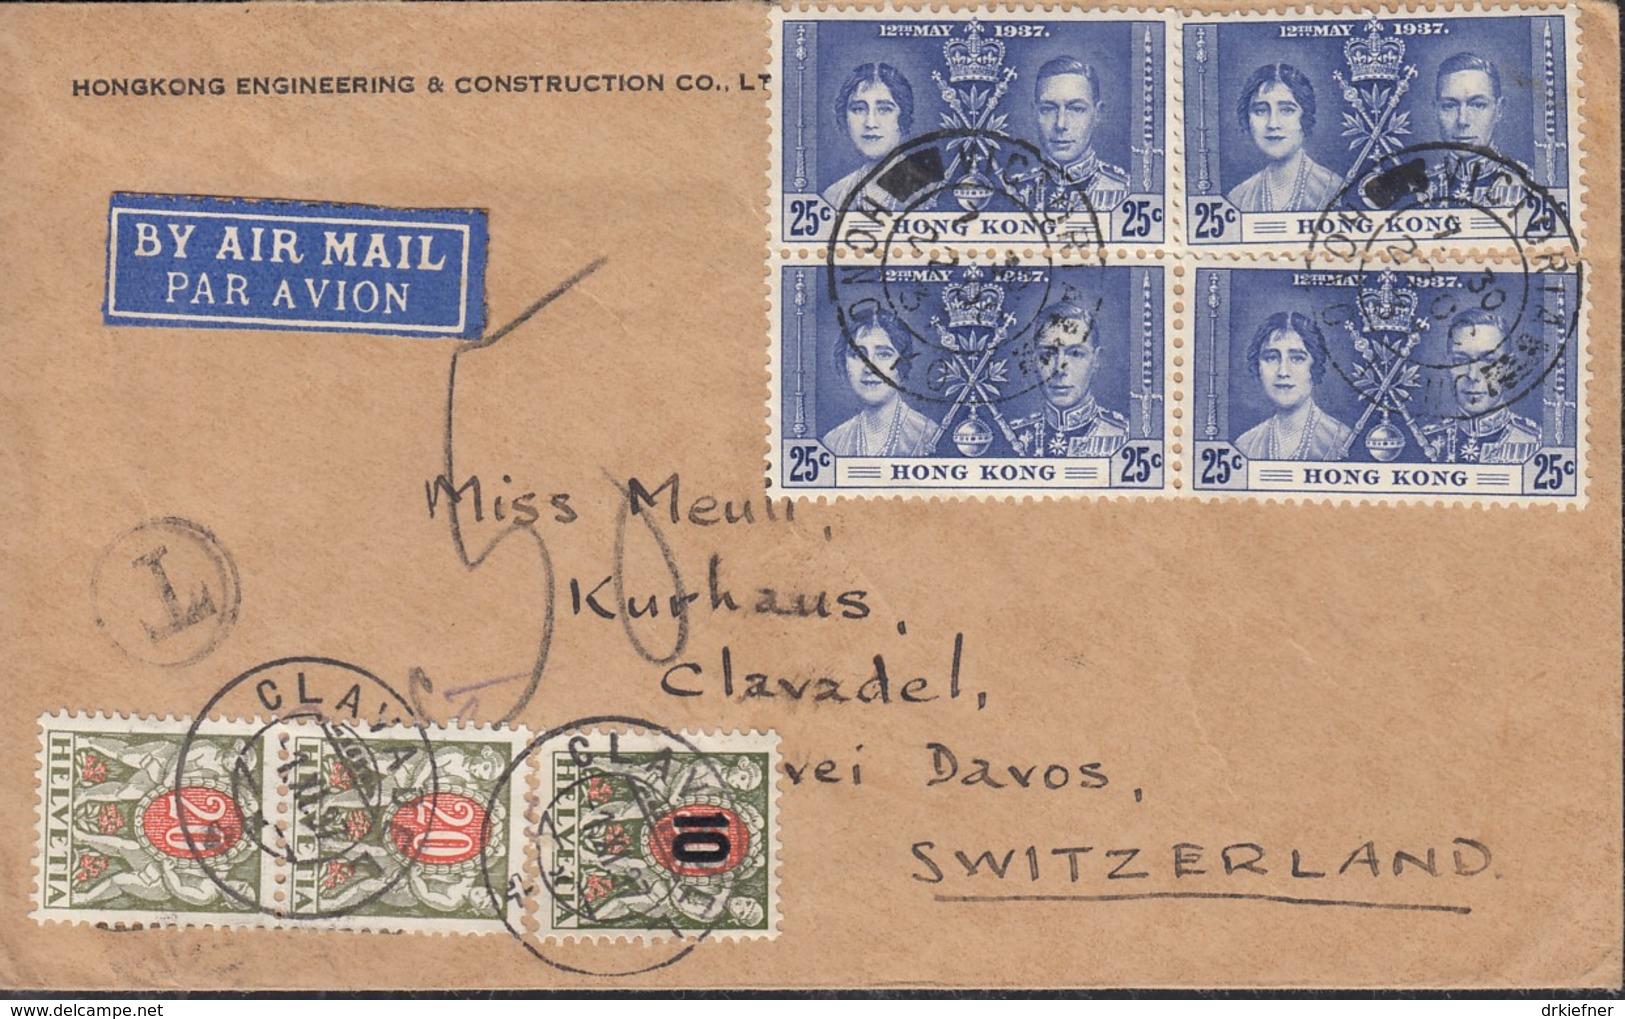 SCHWEIZ Porto 2x 45 X, 51 Auf Luftpostbrief Mit Hongkong 4x 138, Krönung Von König Georg VI., St: Victoria 22.OCT 1937 - Portomarken